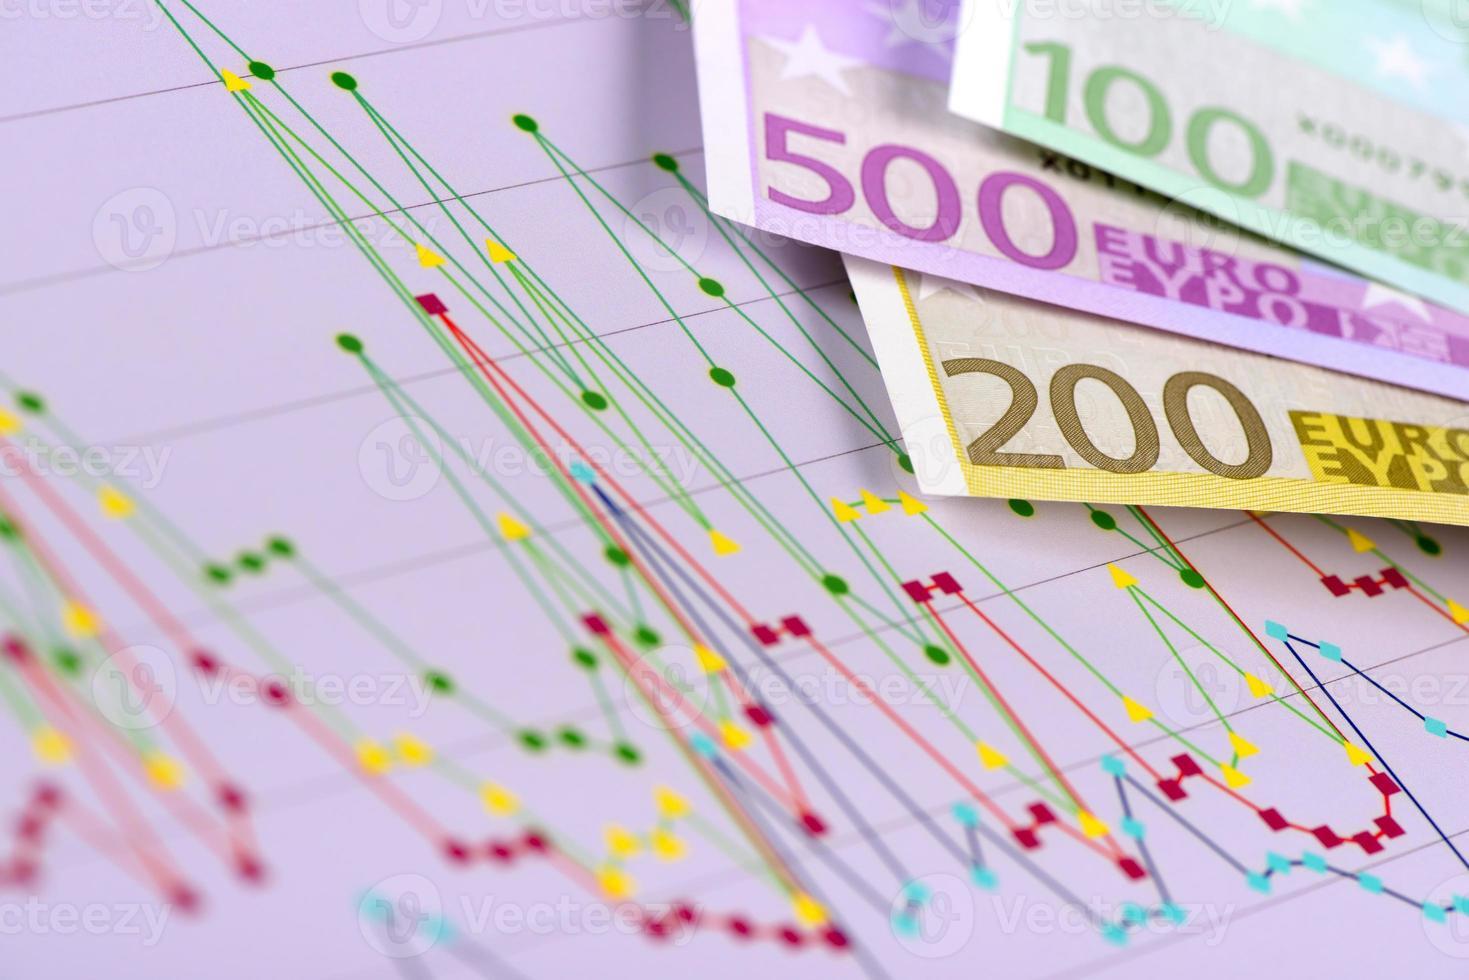 calcolo finanziario e commerciale foto